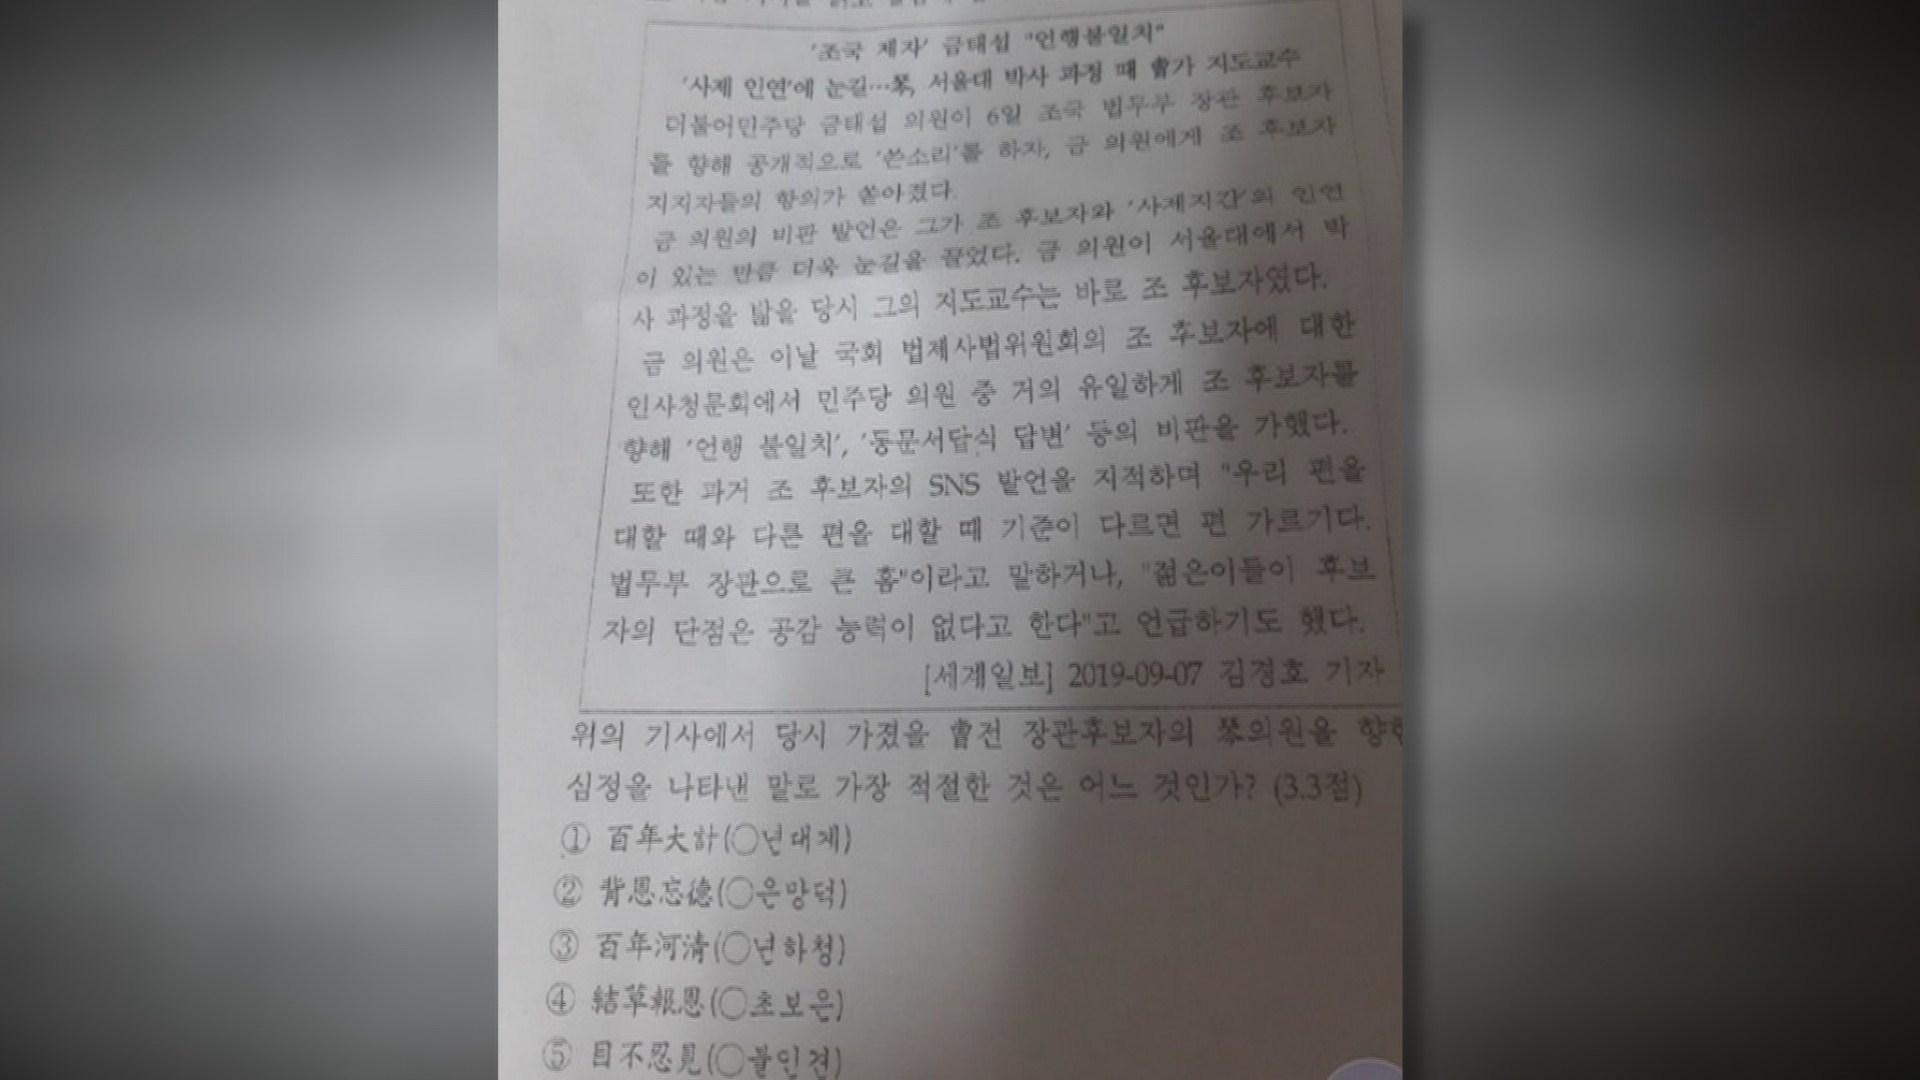 '조국-금태섭 관계, 사자성어는?' 고교 한문시험 논란